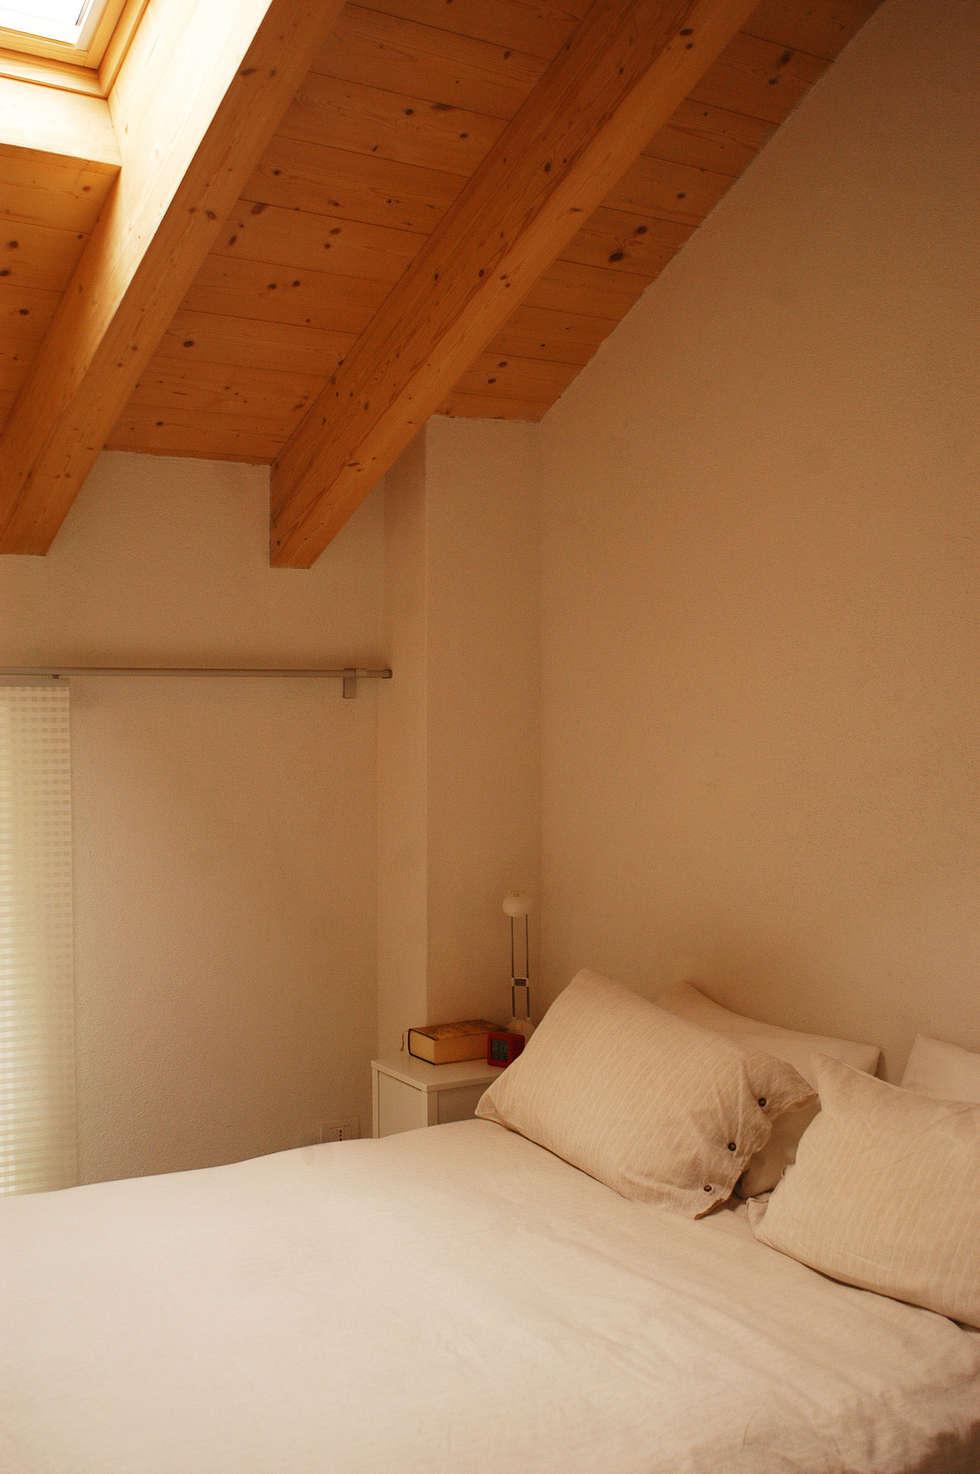 La camera.: Camera da letto in stile in stile Moderno di Architettura & Urbanistica Architetto Dario Benetti